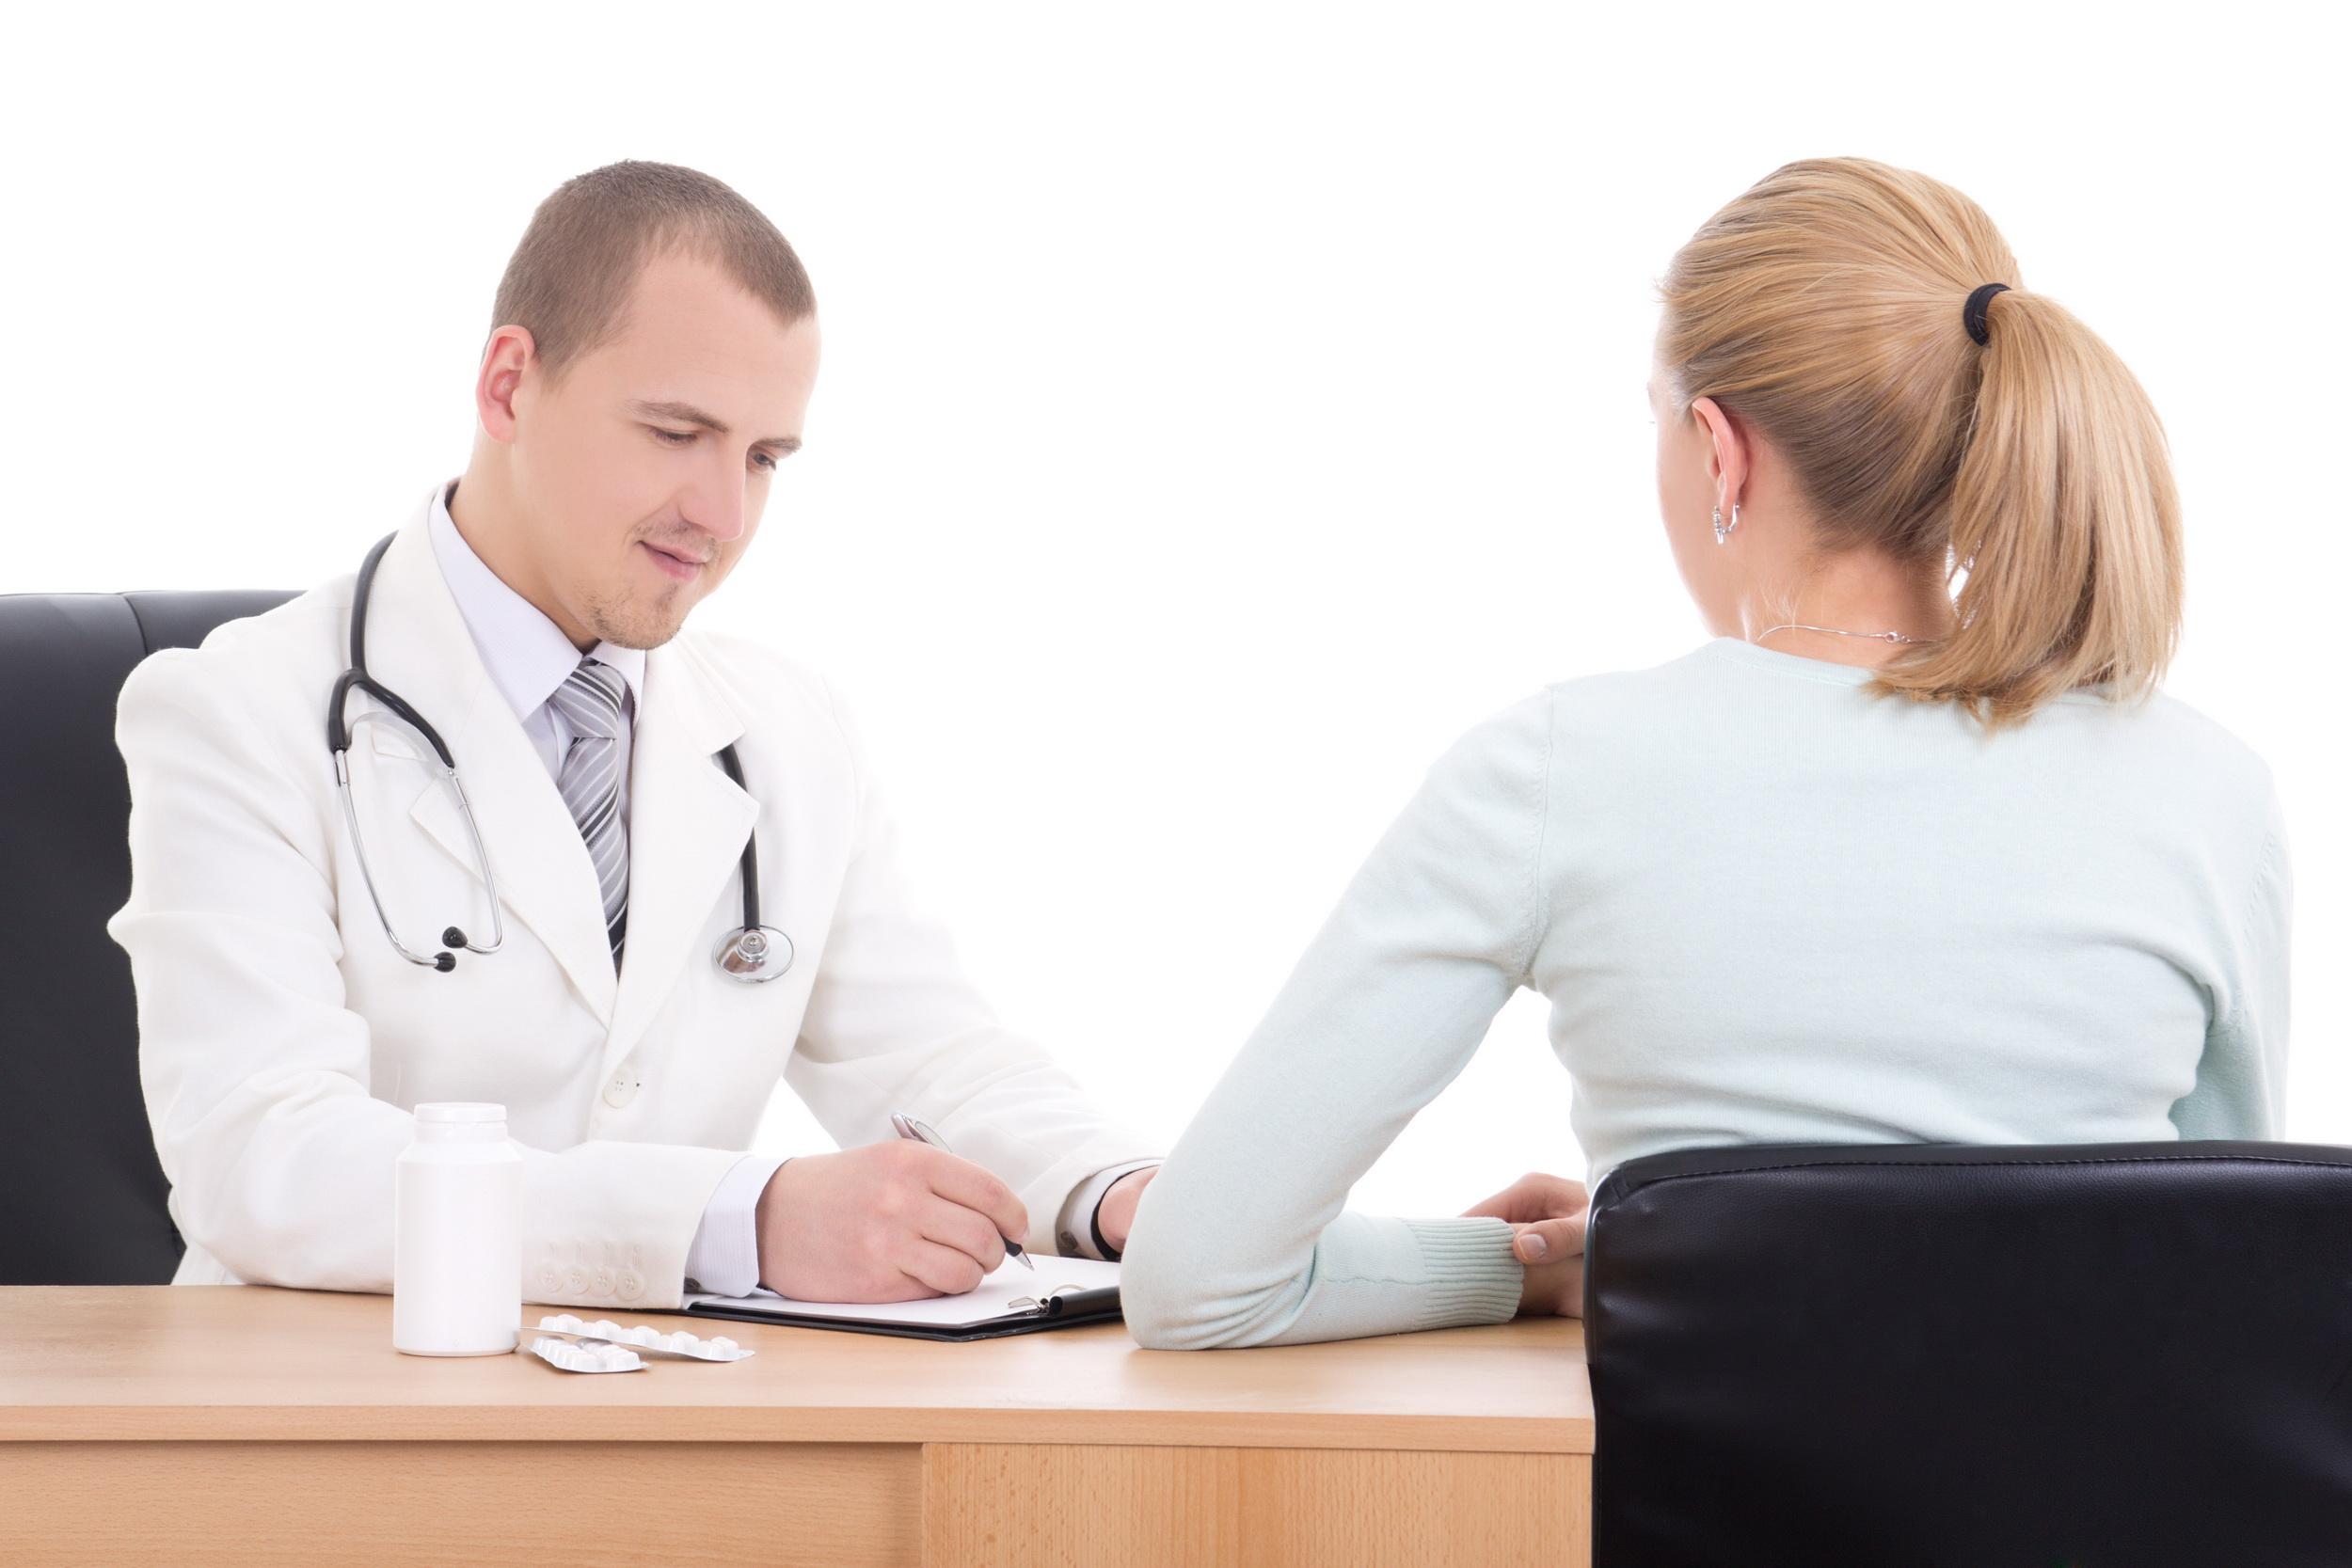 Внезапная экзантема – это вирусное заболевание, характеризующееся неожиданными последовательными проявлениями лихорадки и сыпи.